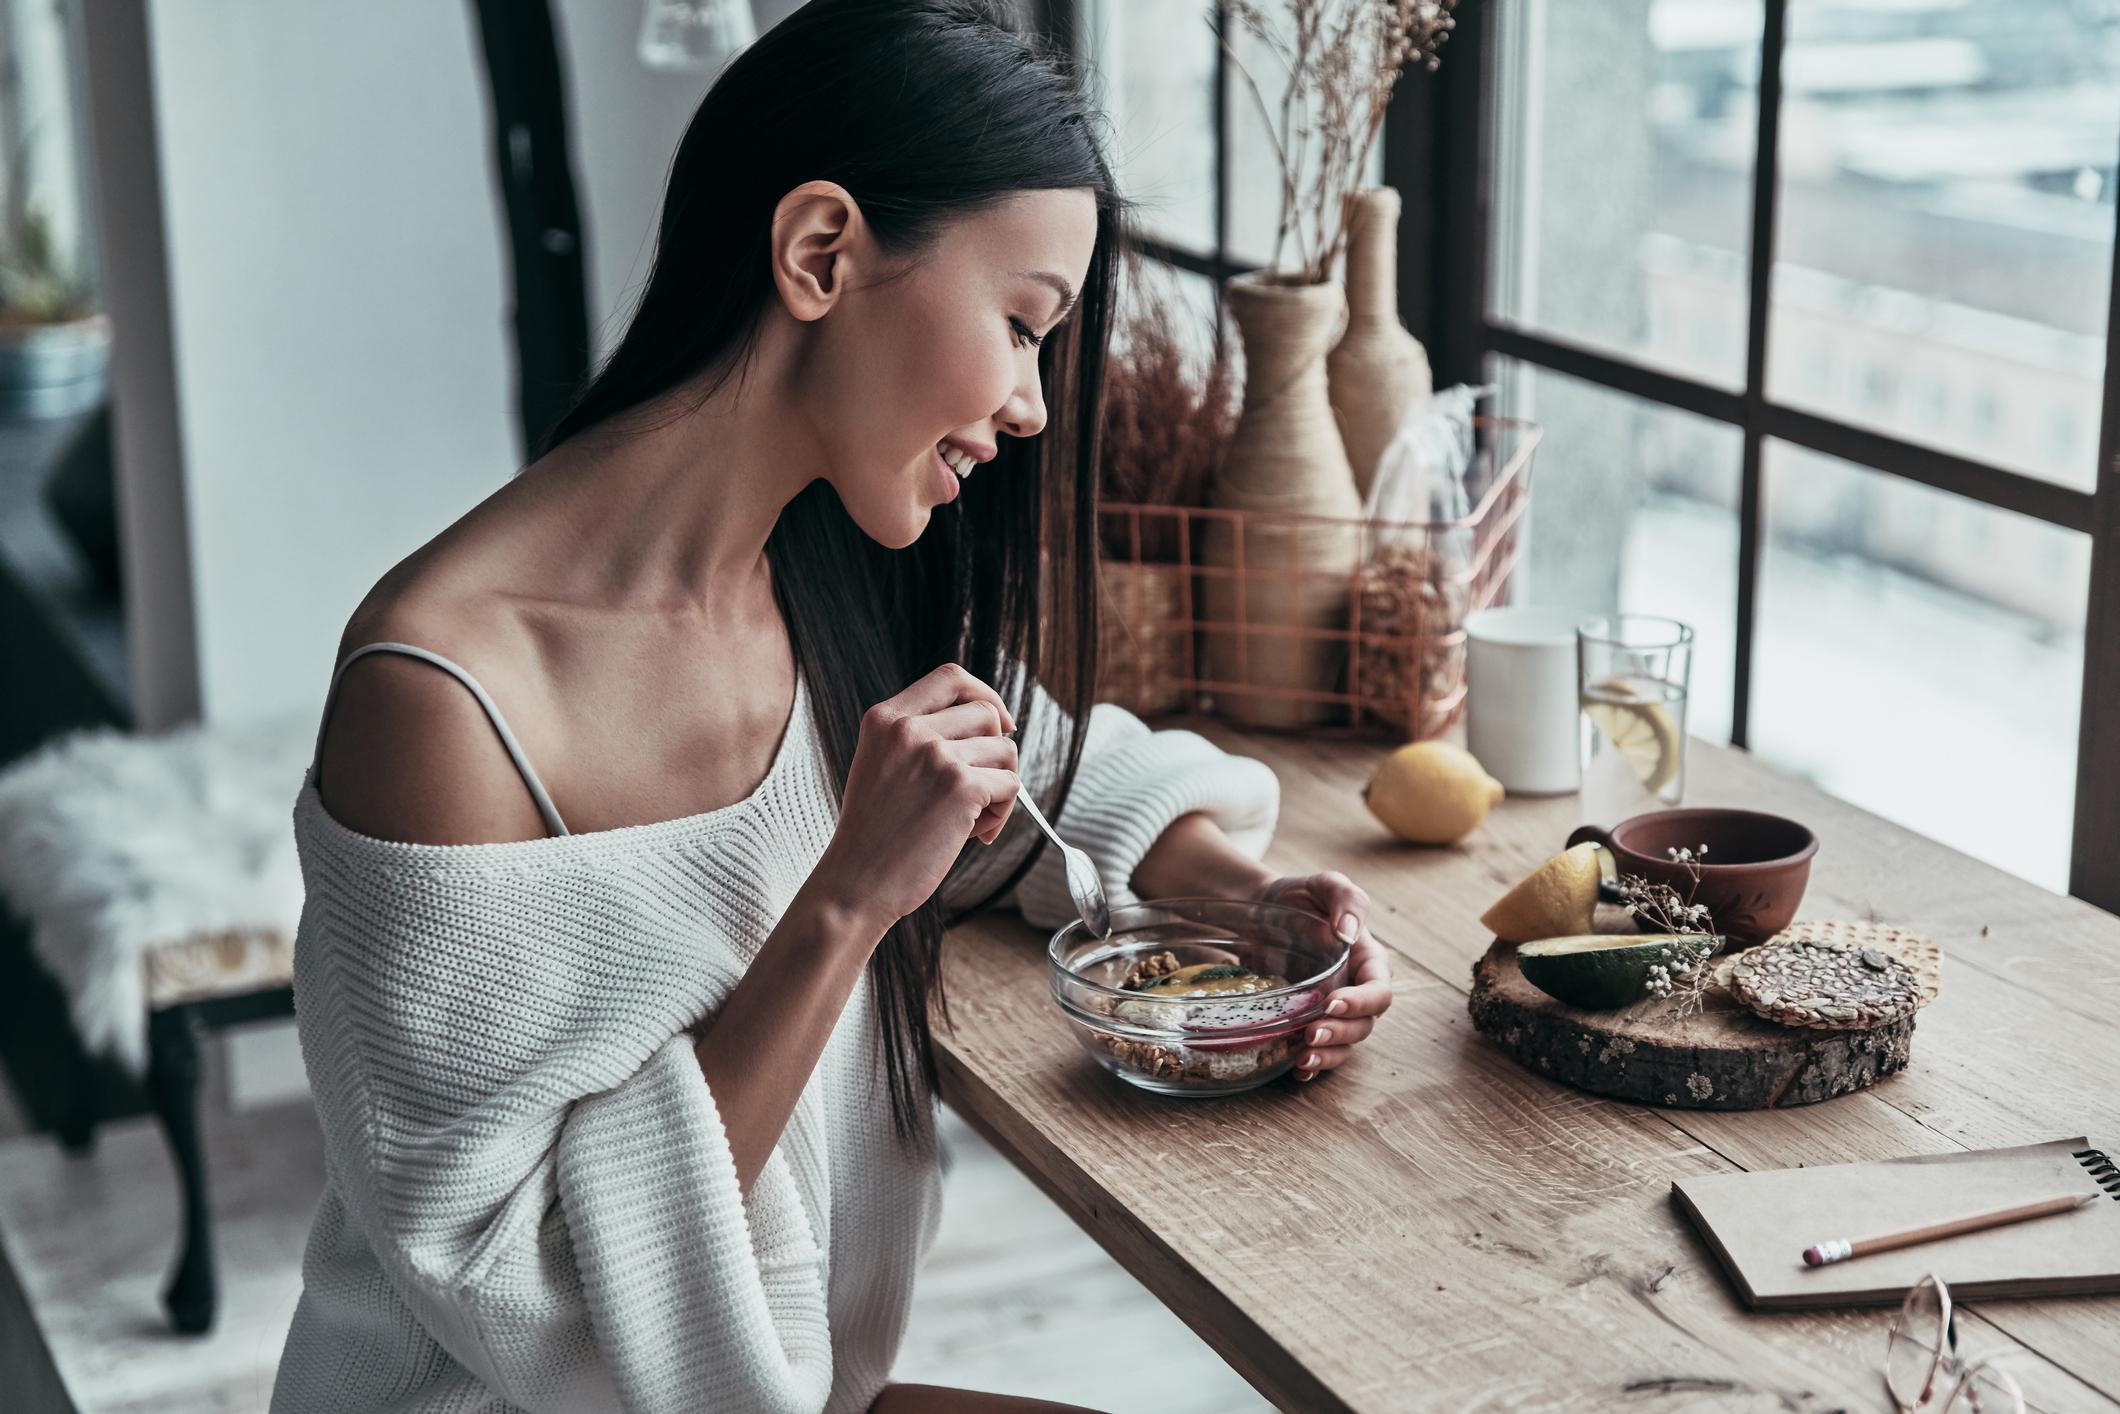 Nemojmo se pretrpavati, jedimo gospodski po malo. Naučimo osjetiti sitost.